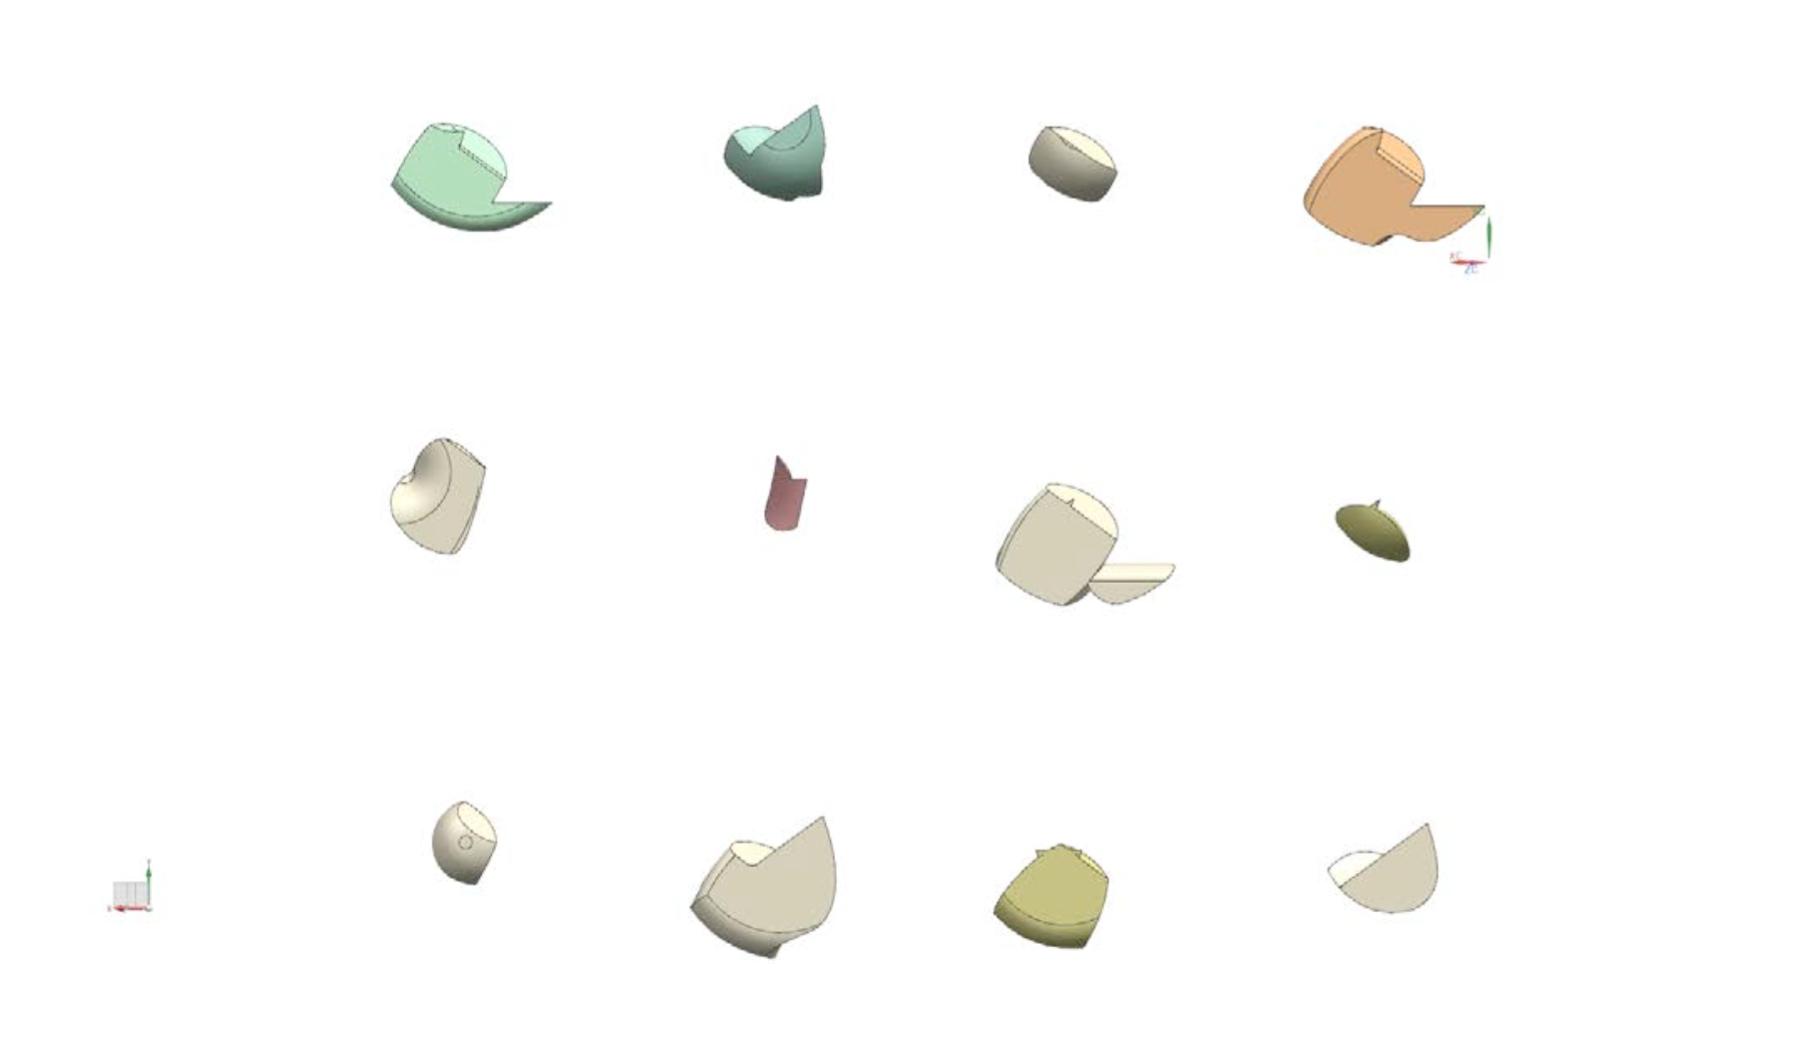 One generation of shapes generated using EvoShape